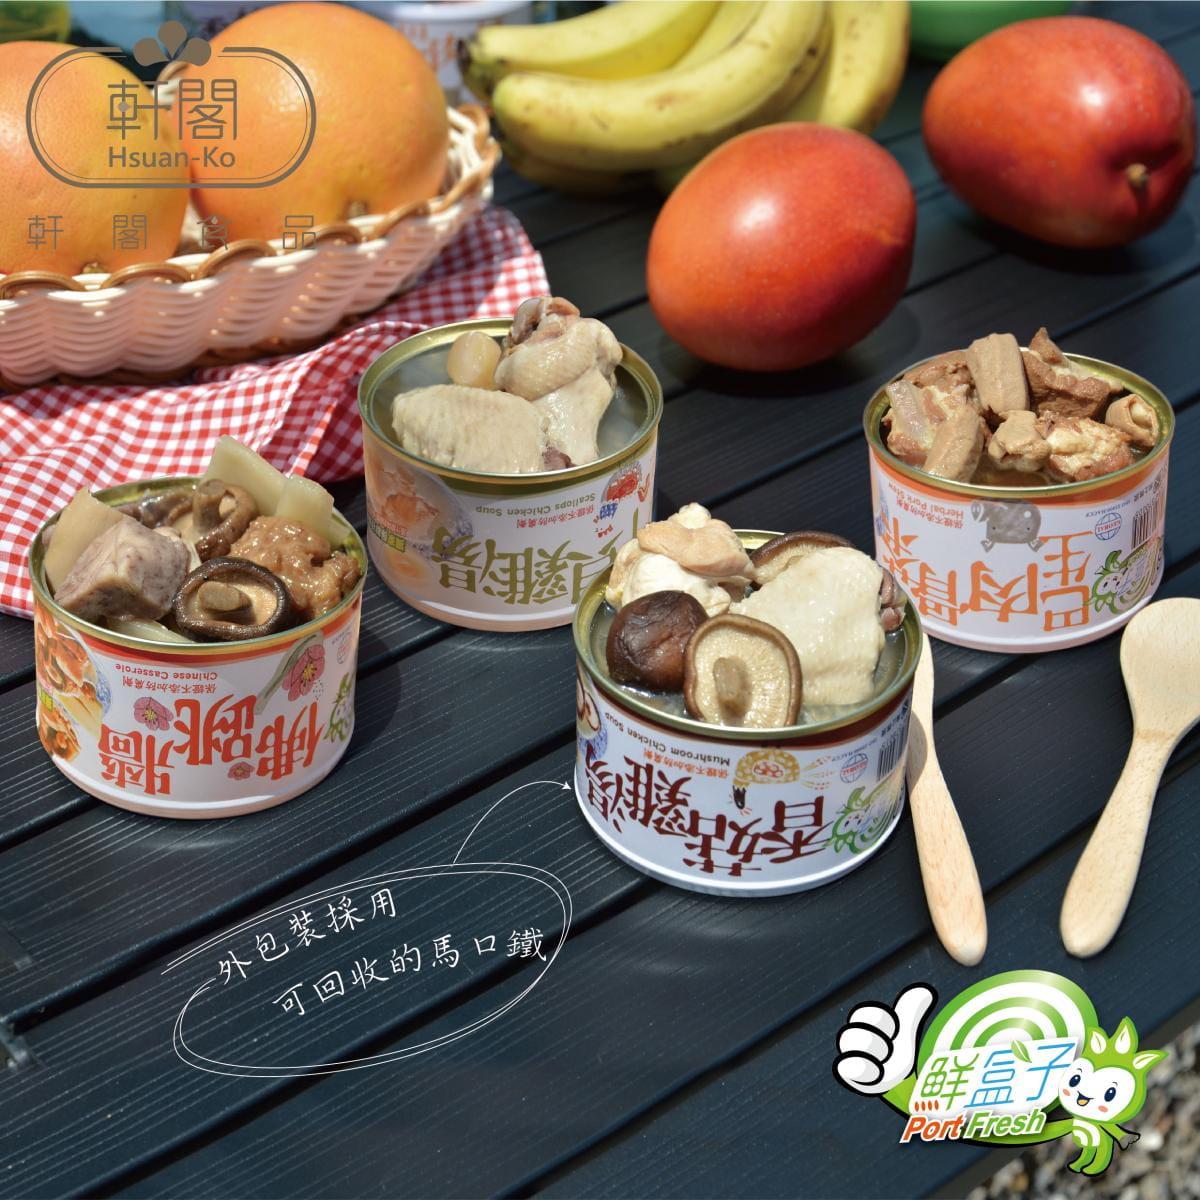 軒閣食品 鮮盒子 即食湯品罐頭 常溫保存